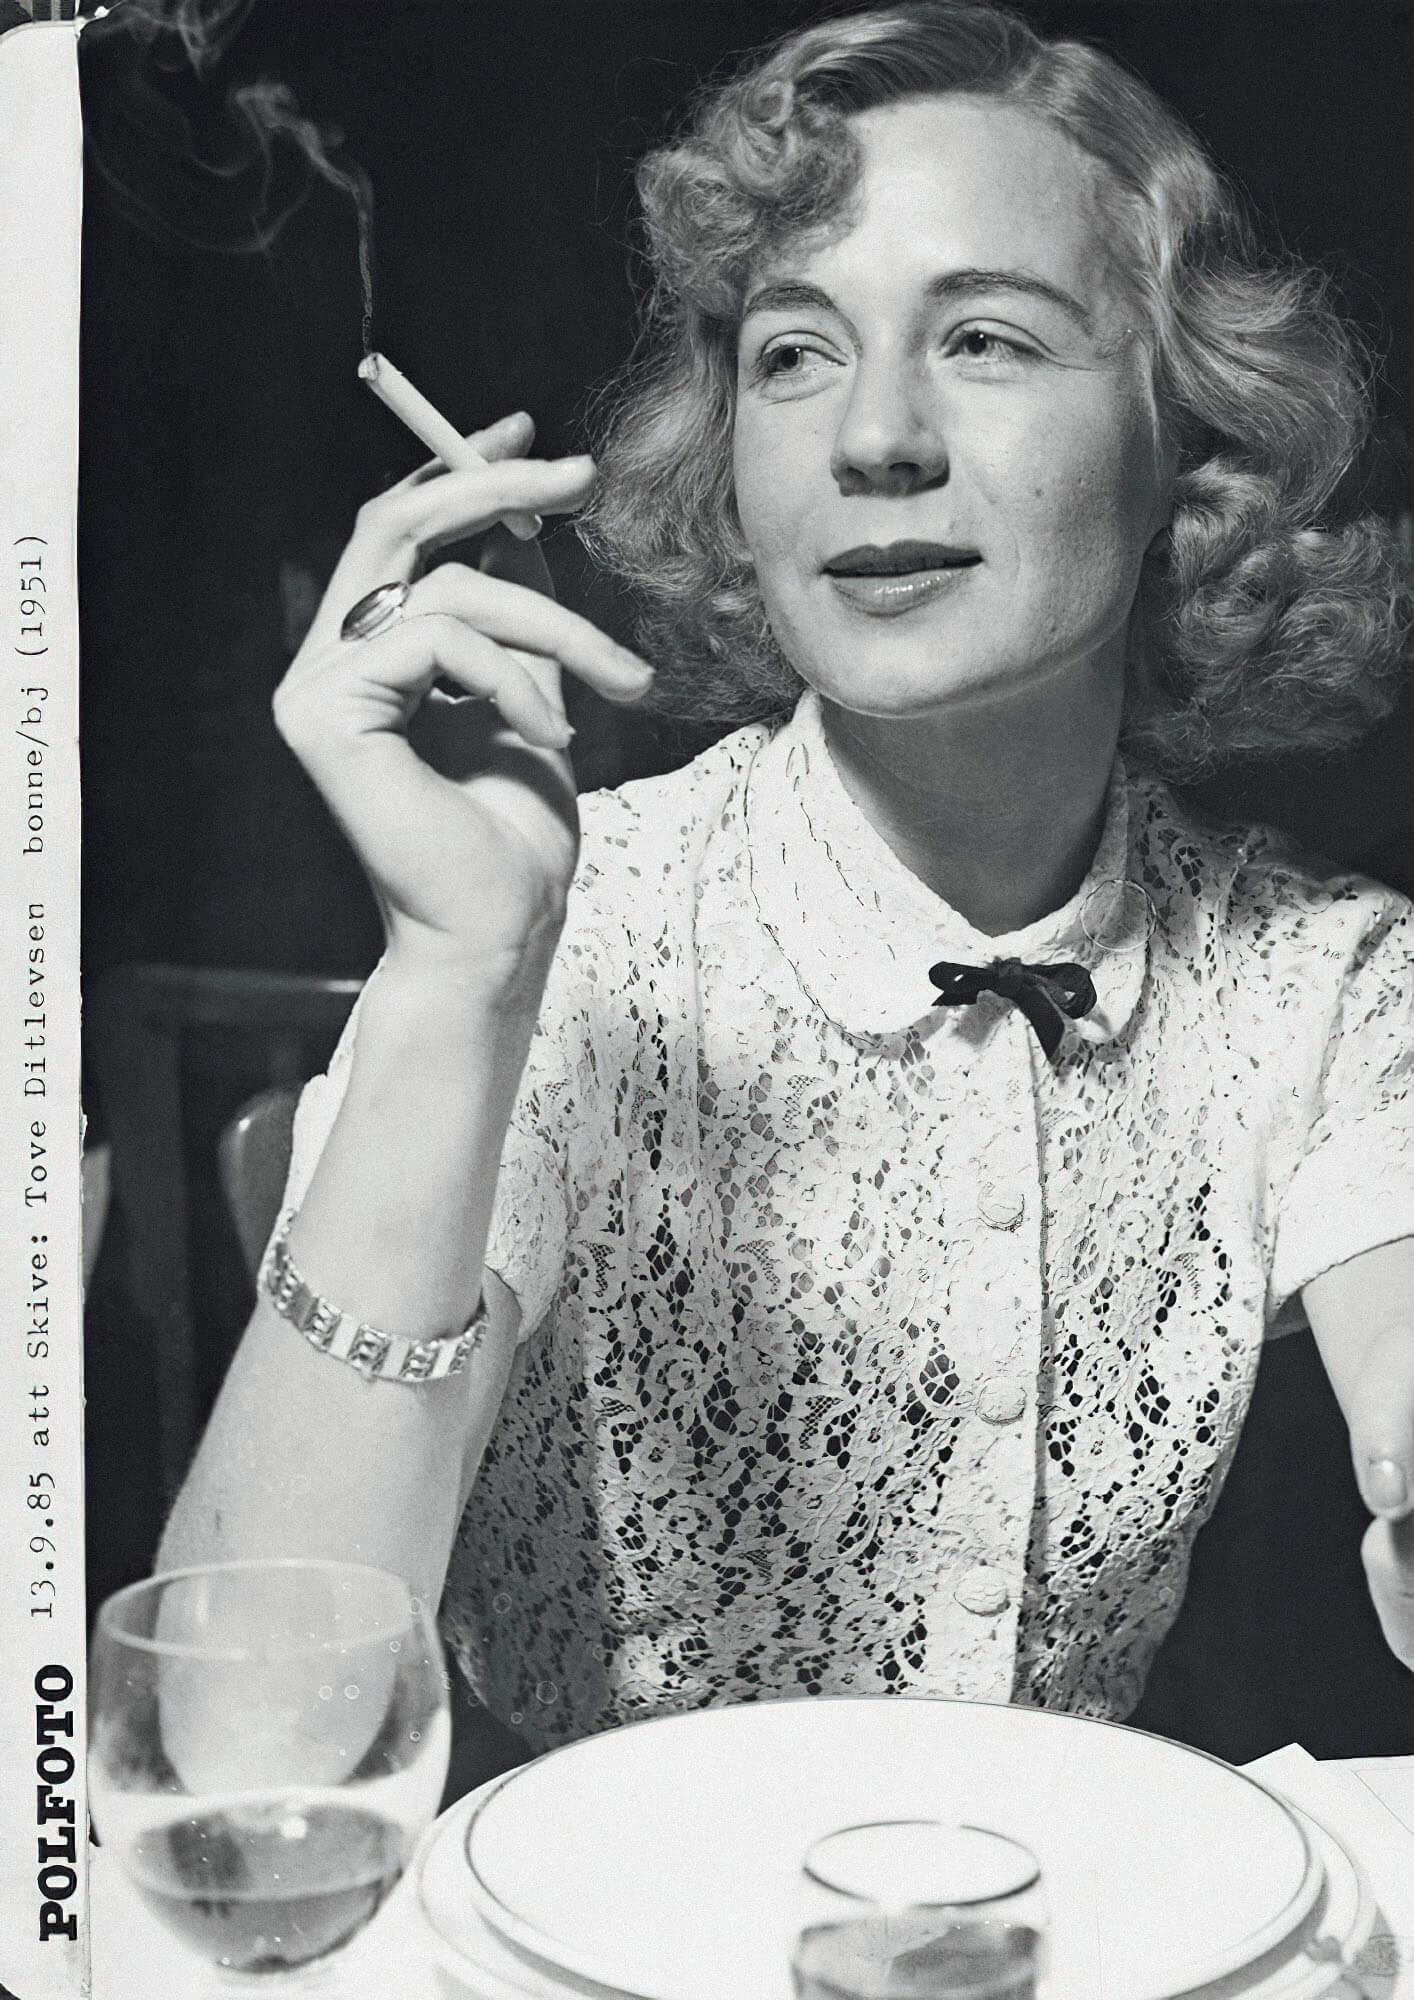 Тове Дитлевсен (1951). Фото: Johnny Bonny, Polfoto